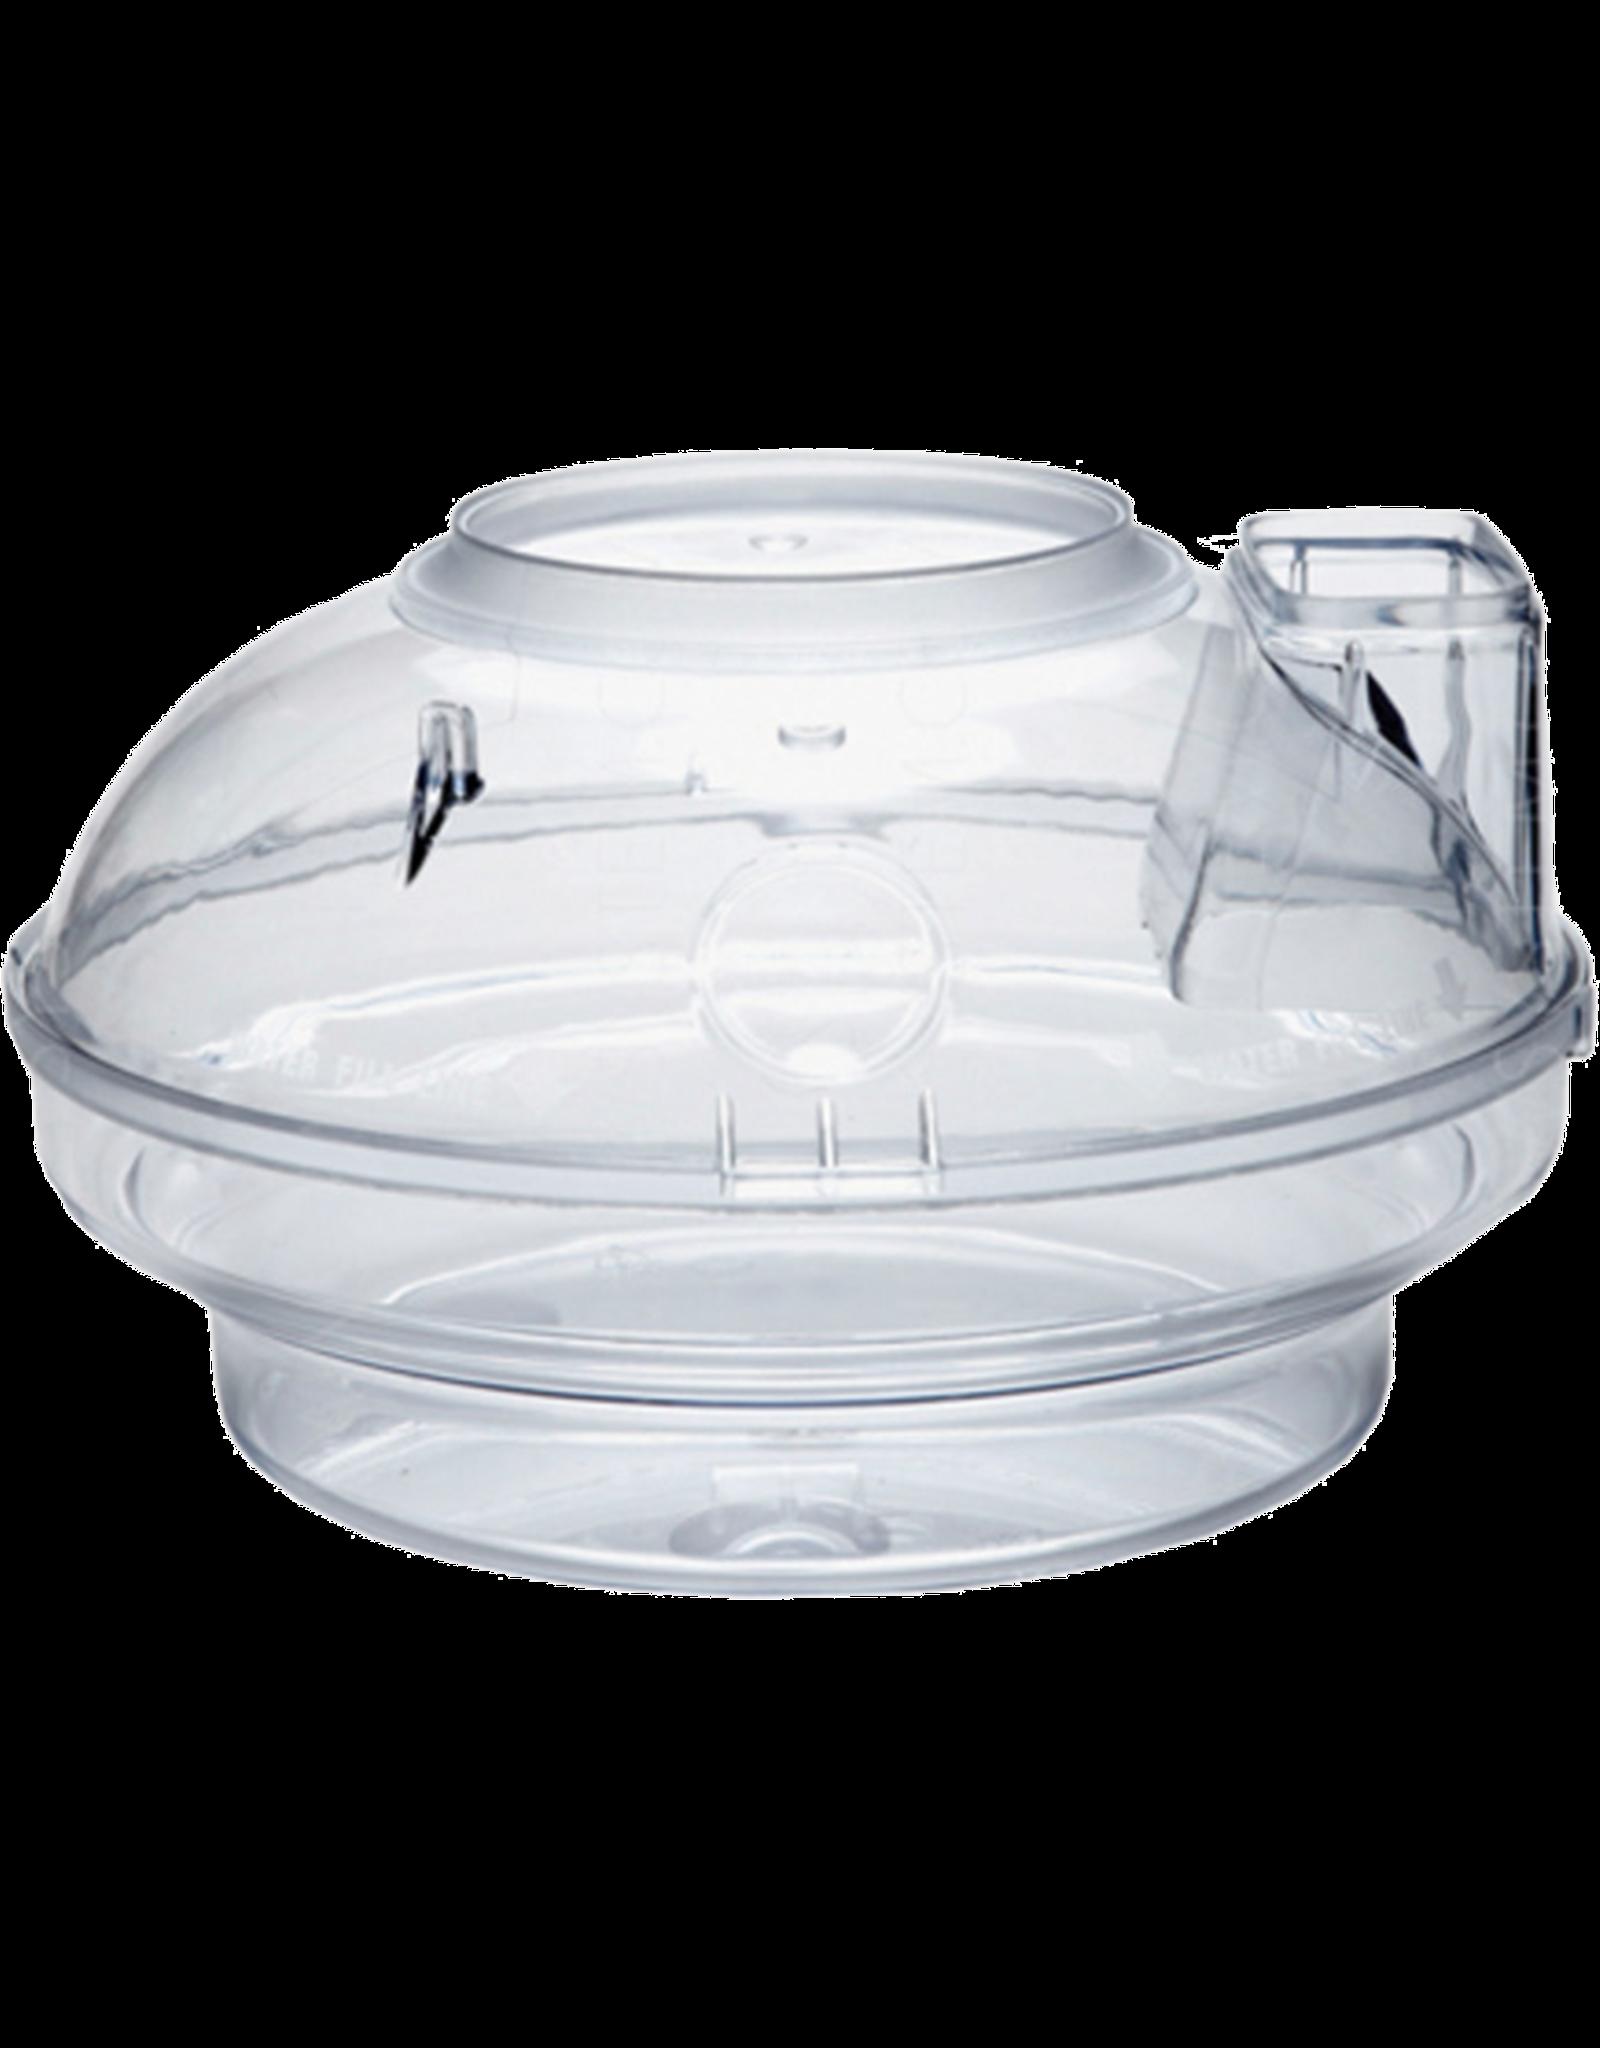 E2 WATER PAN - 4 QT